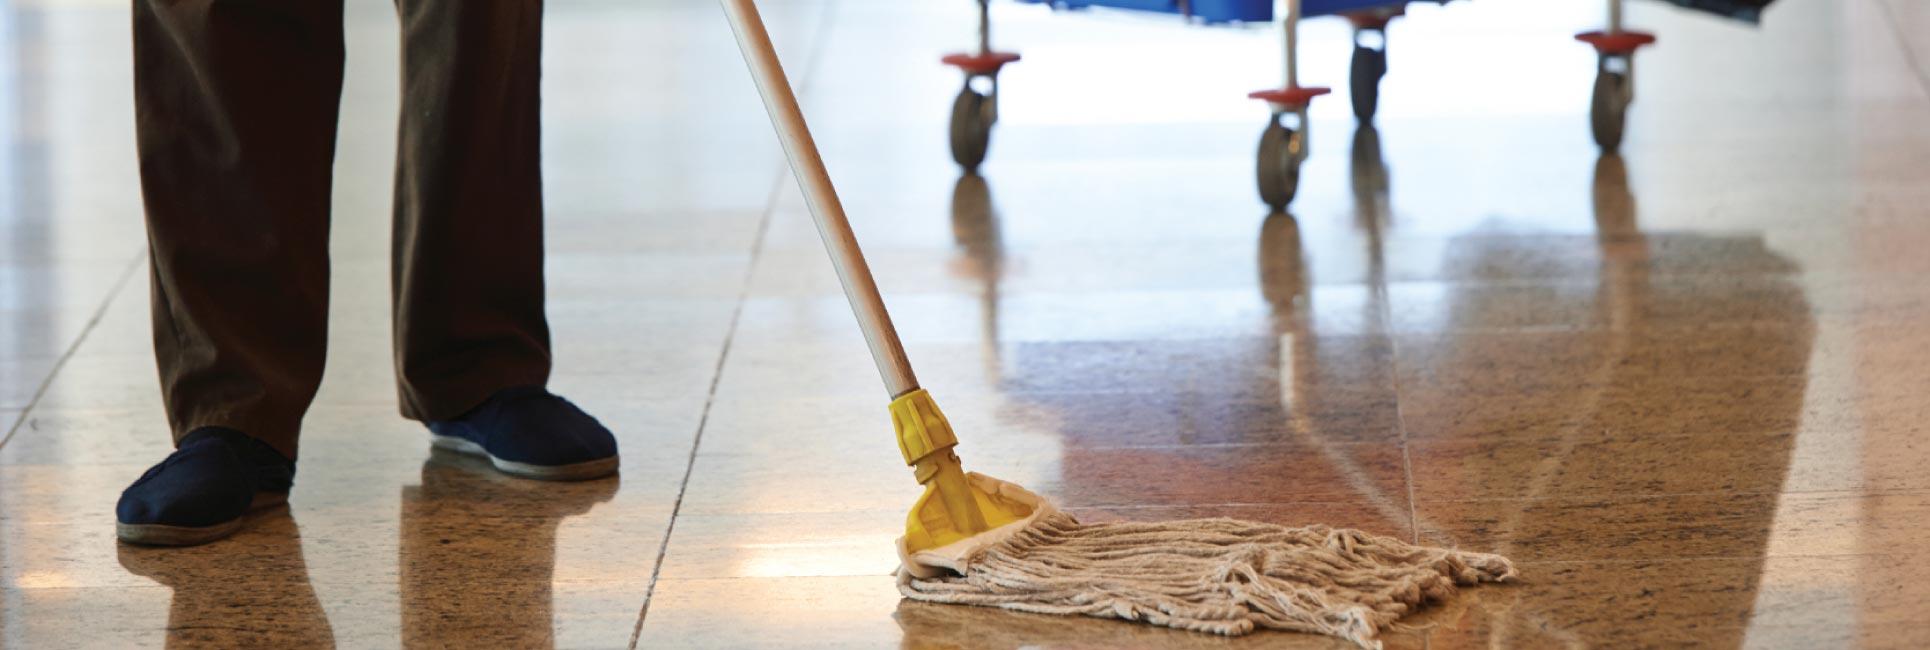 Floor-cleaners